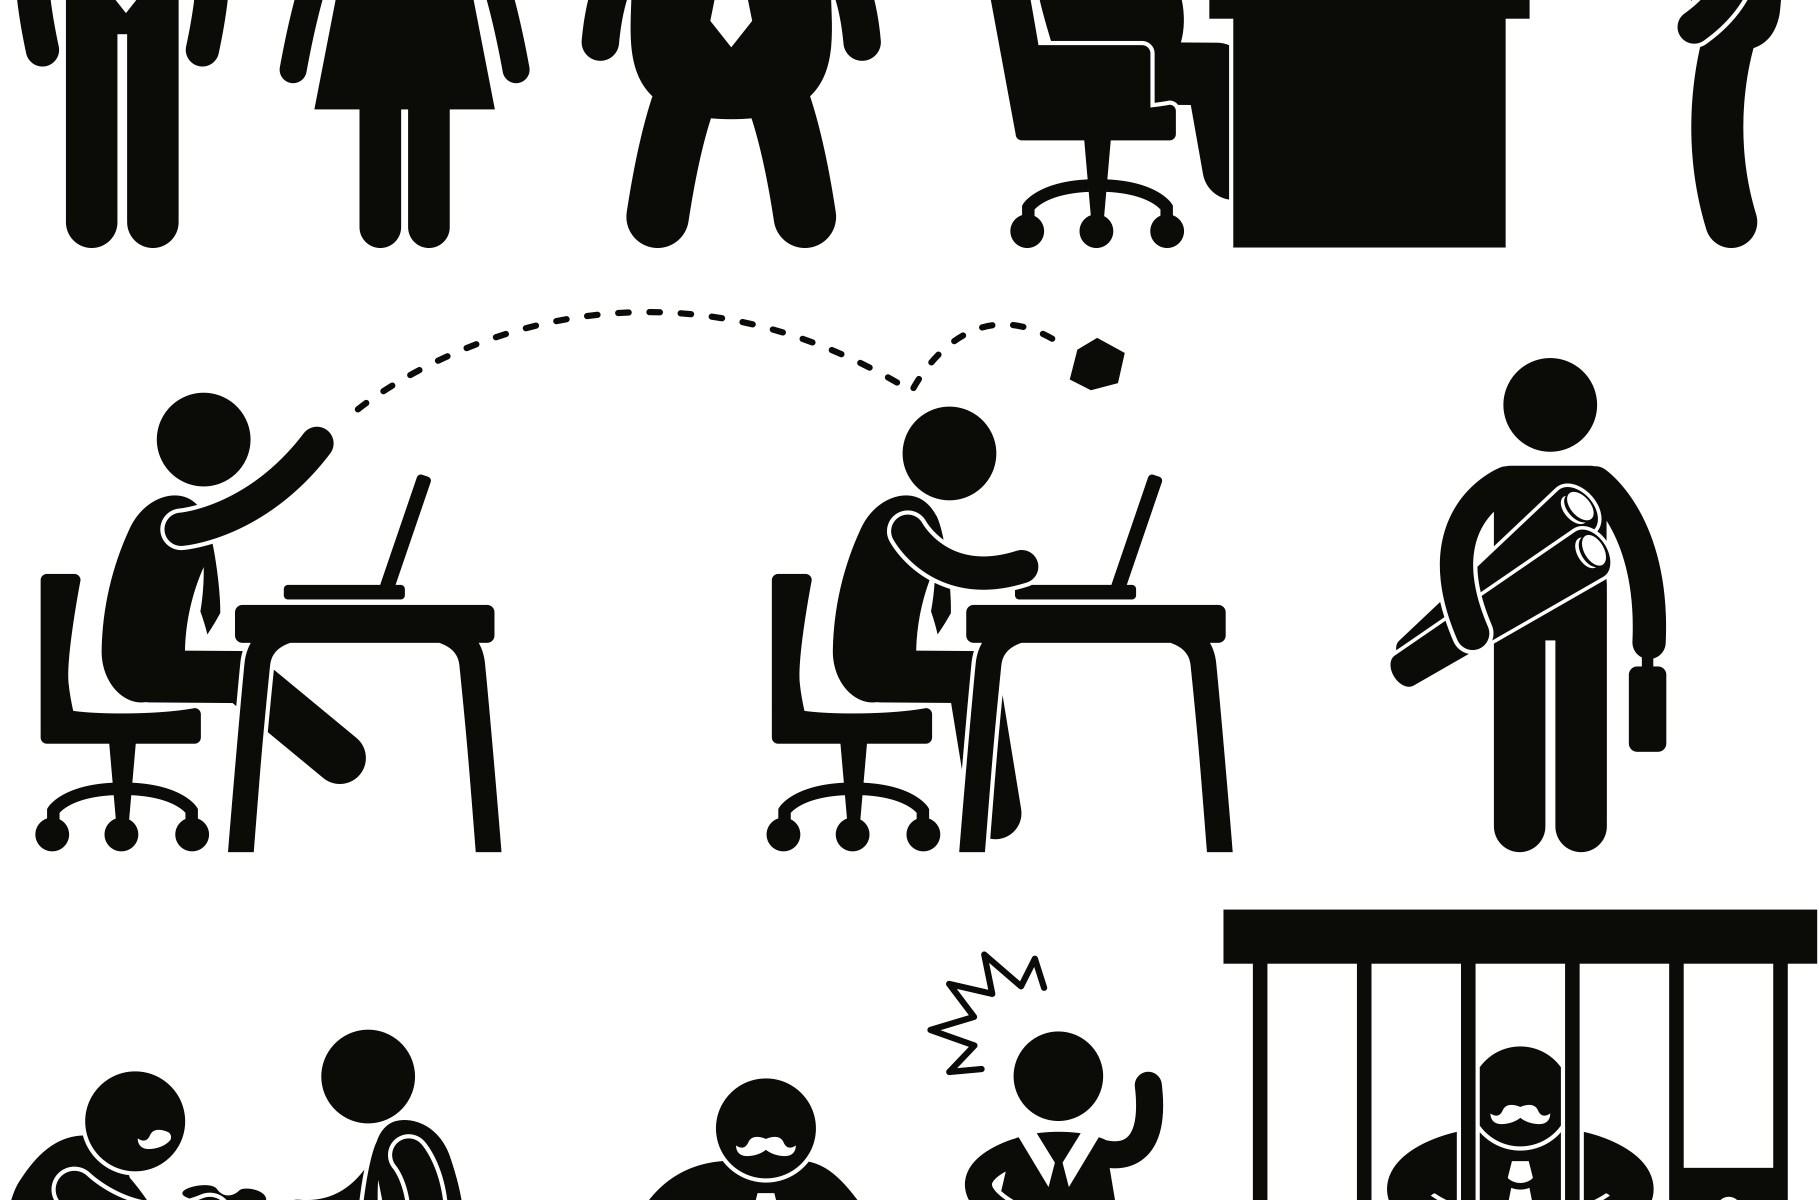 Fijada la política pública con respecto al acoso laboral